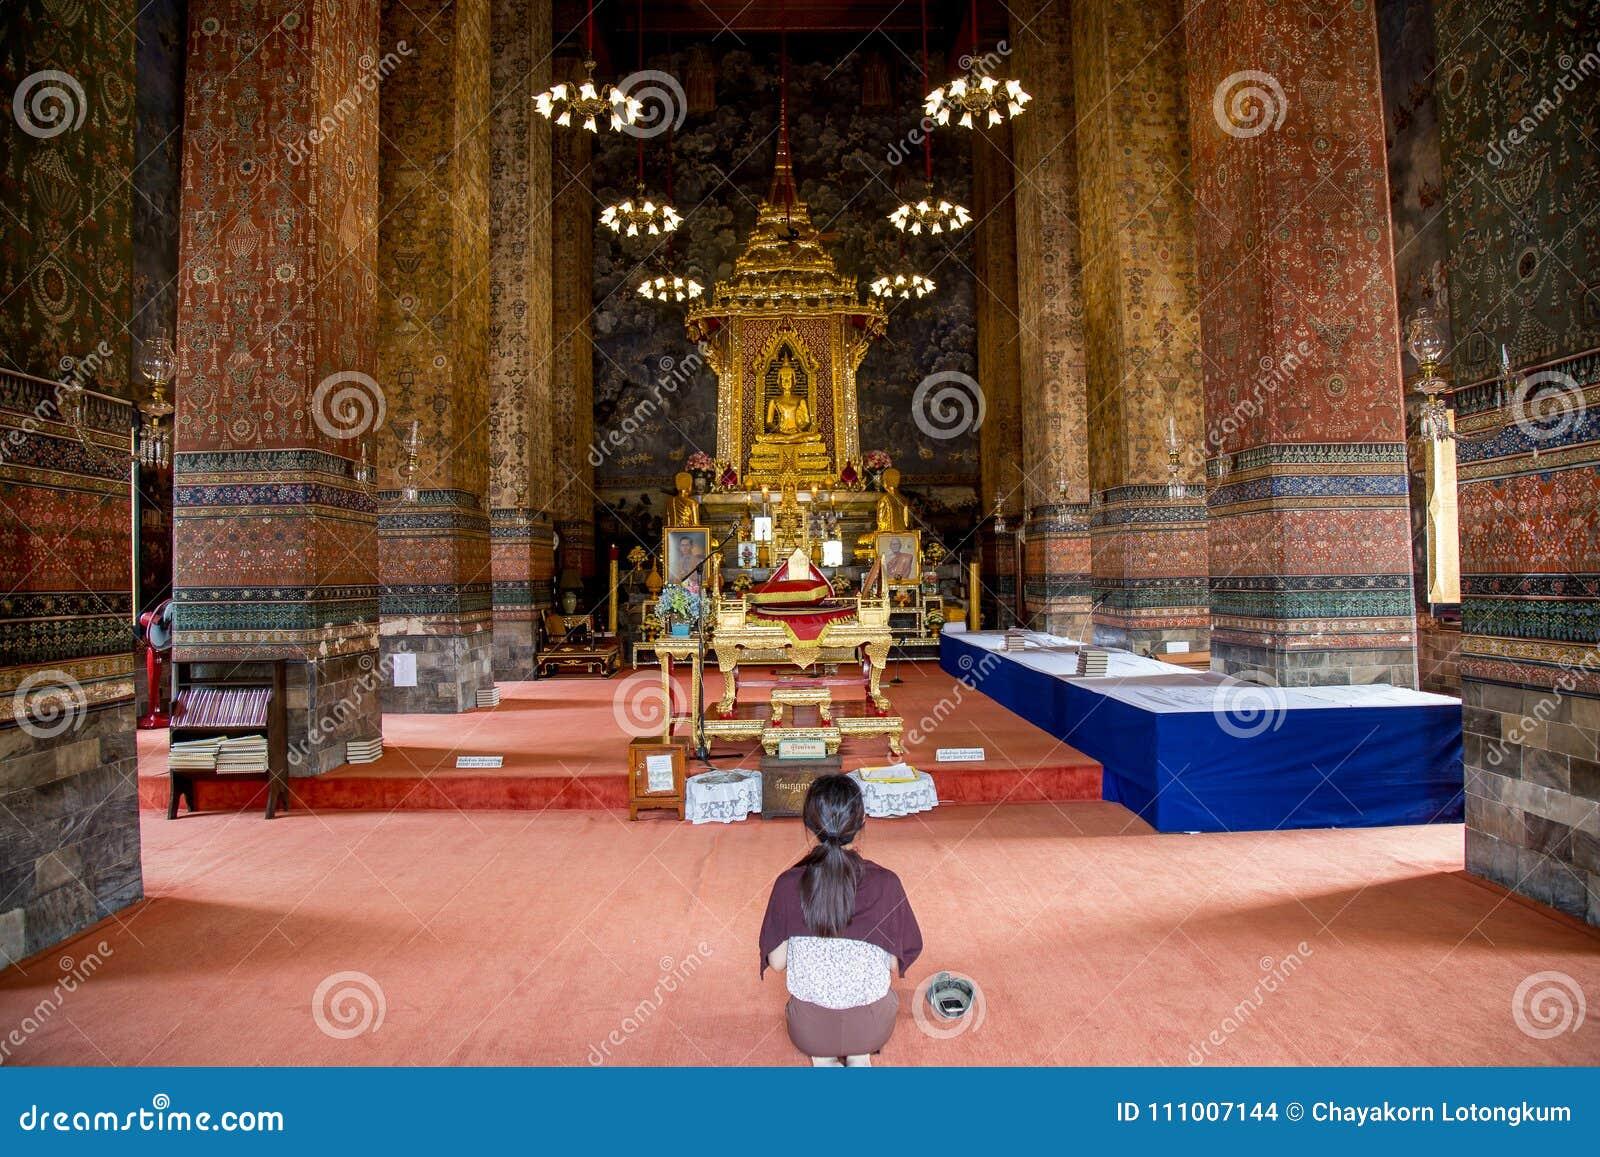 Молитвенное место, который нужно помолить для буддизма